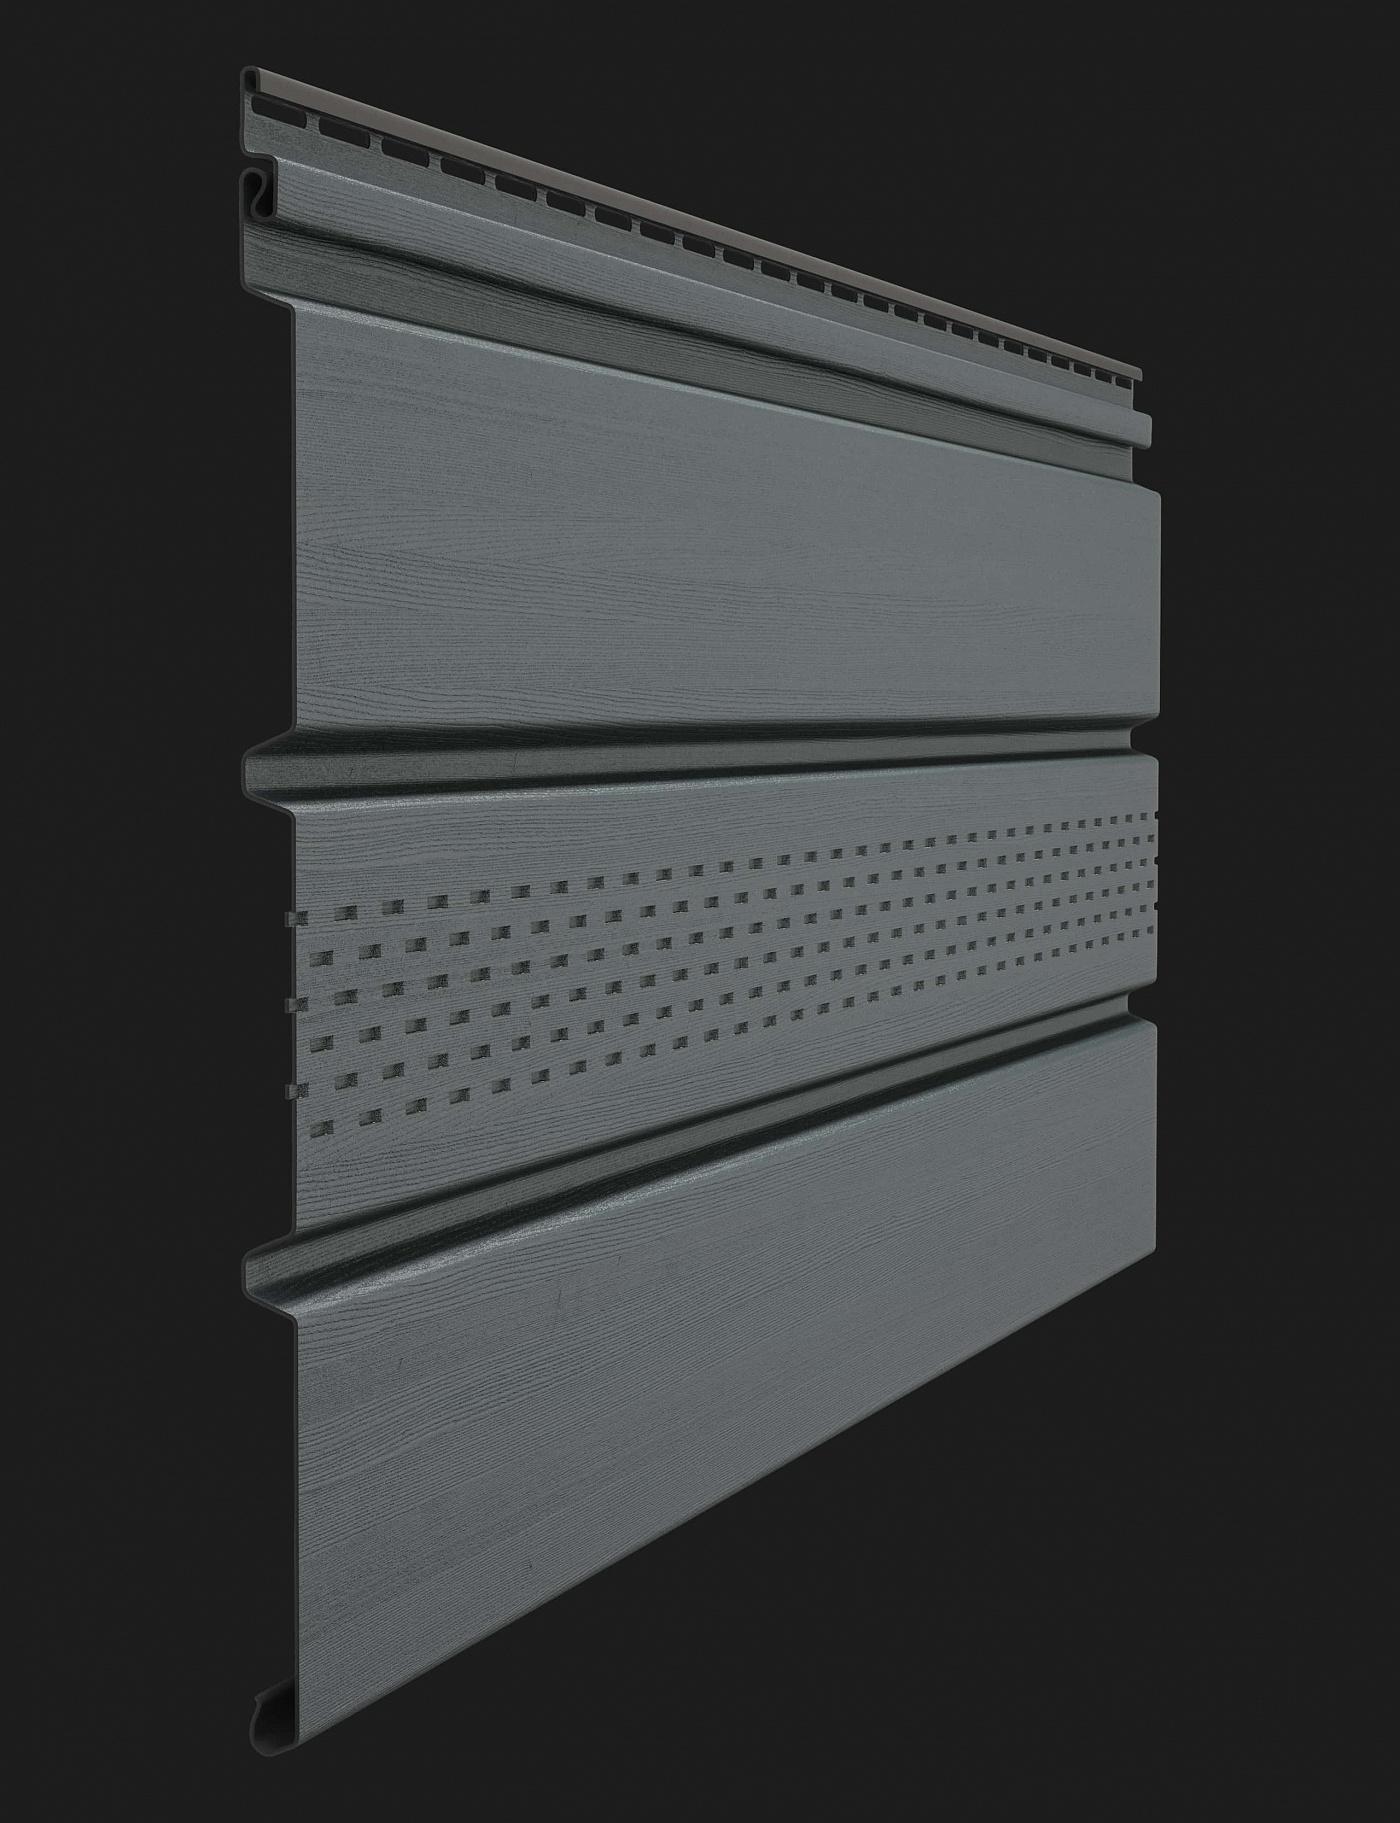 Софит пластиковый Docke Premium T4 с центральной перфорацией 3000 мм Графит